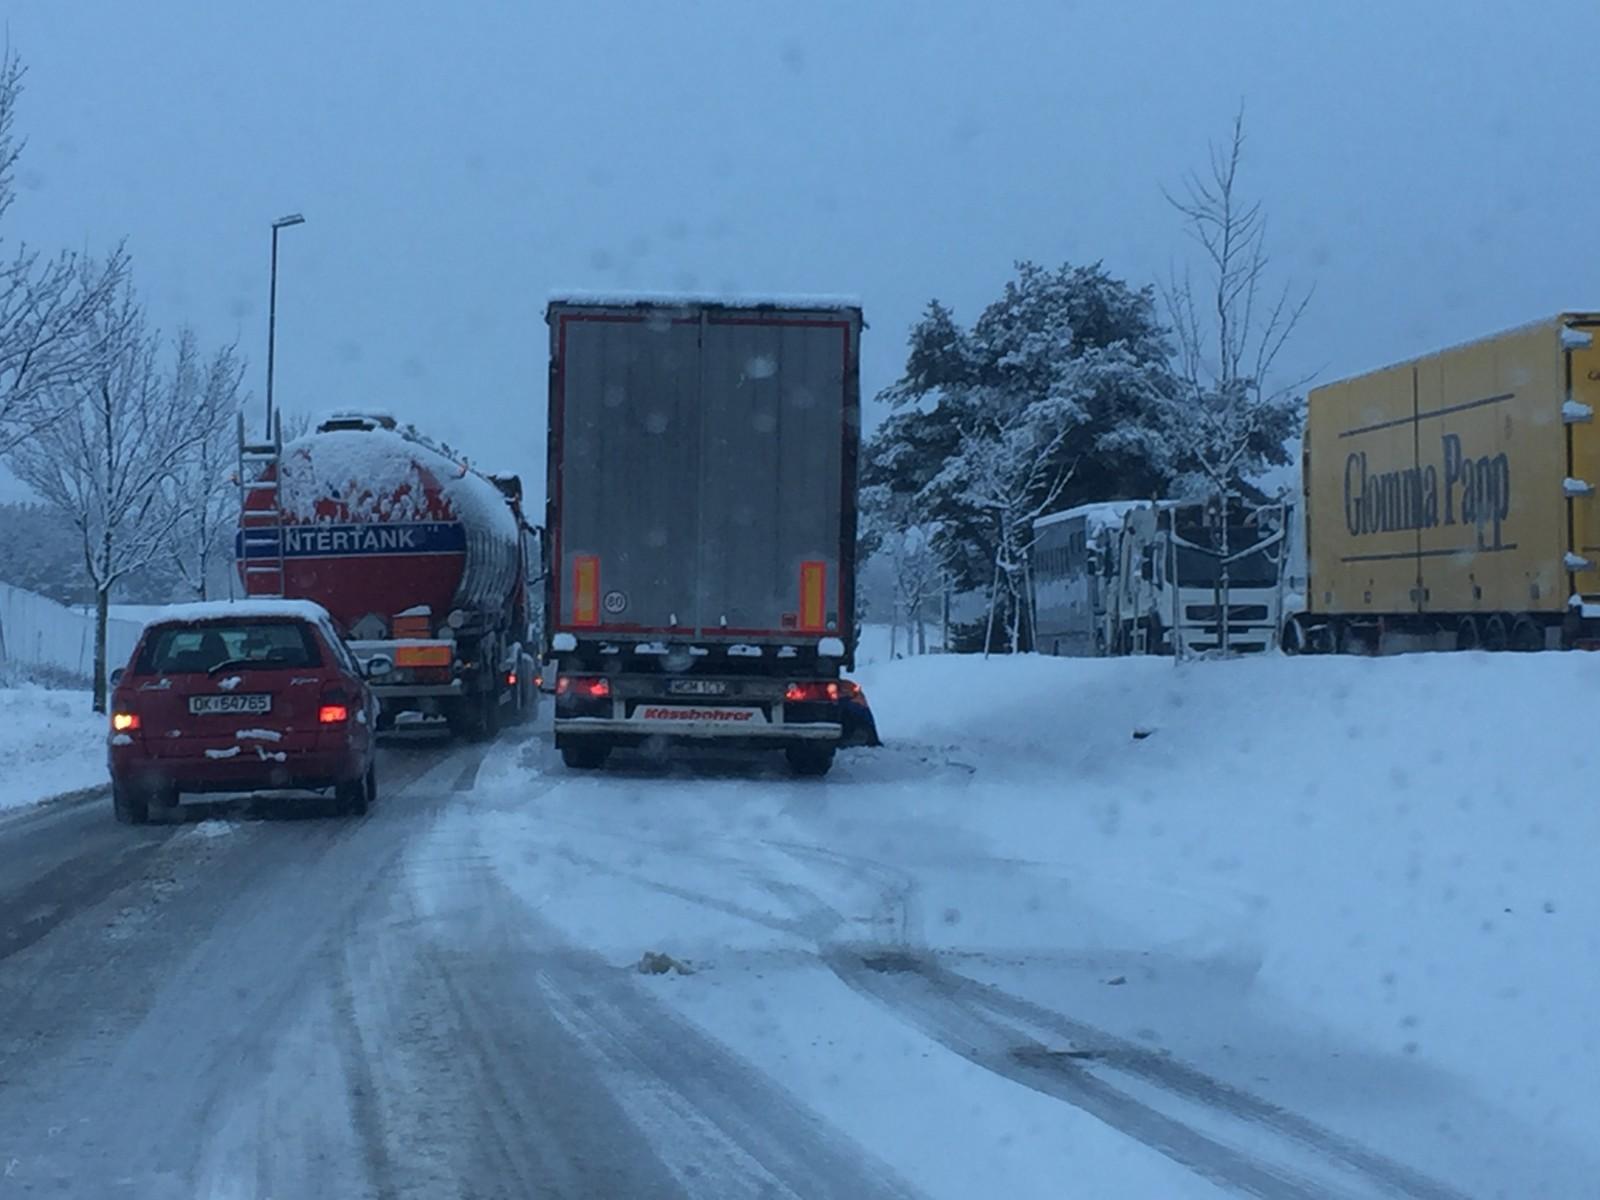 Dette vogntoget stoppet opp for å legge om til kjetting. Bildet er tatt ved Gatedalen miljøanlegg i Sarpsborg.